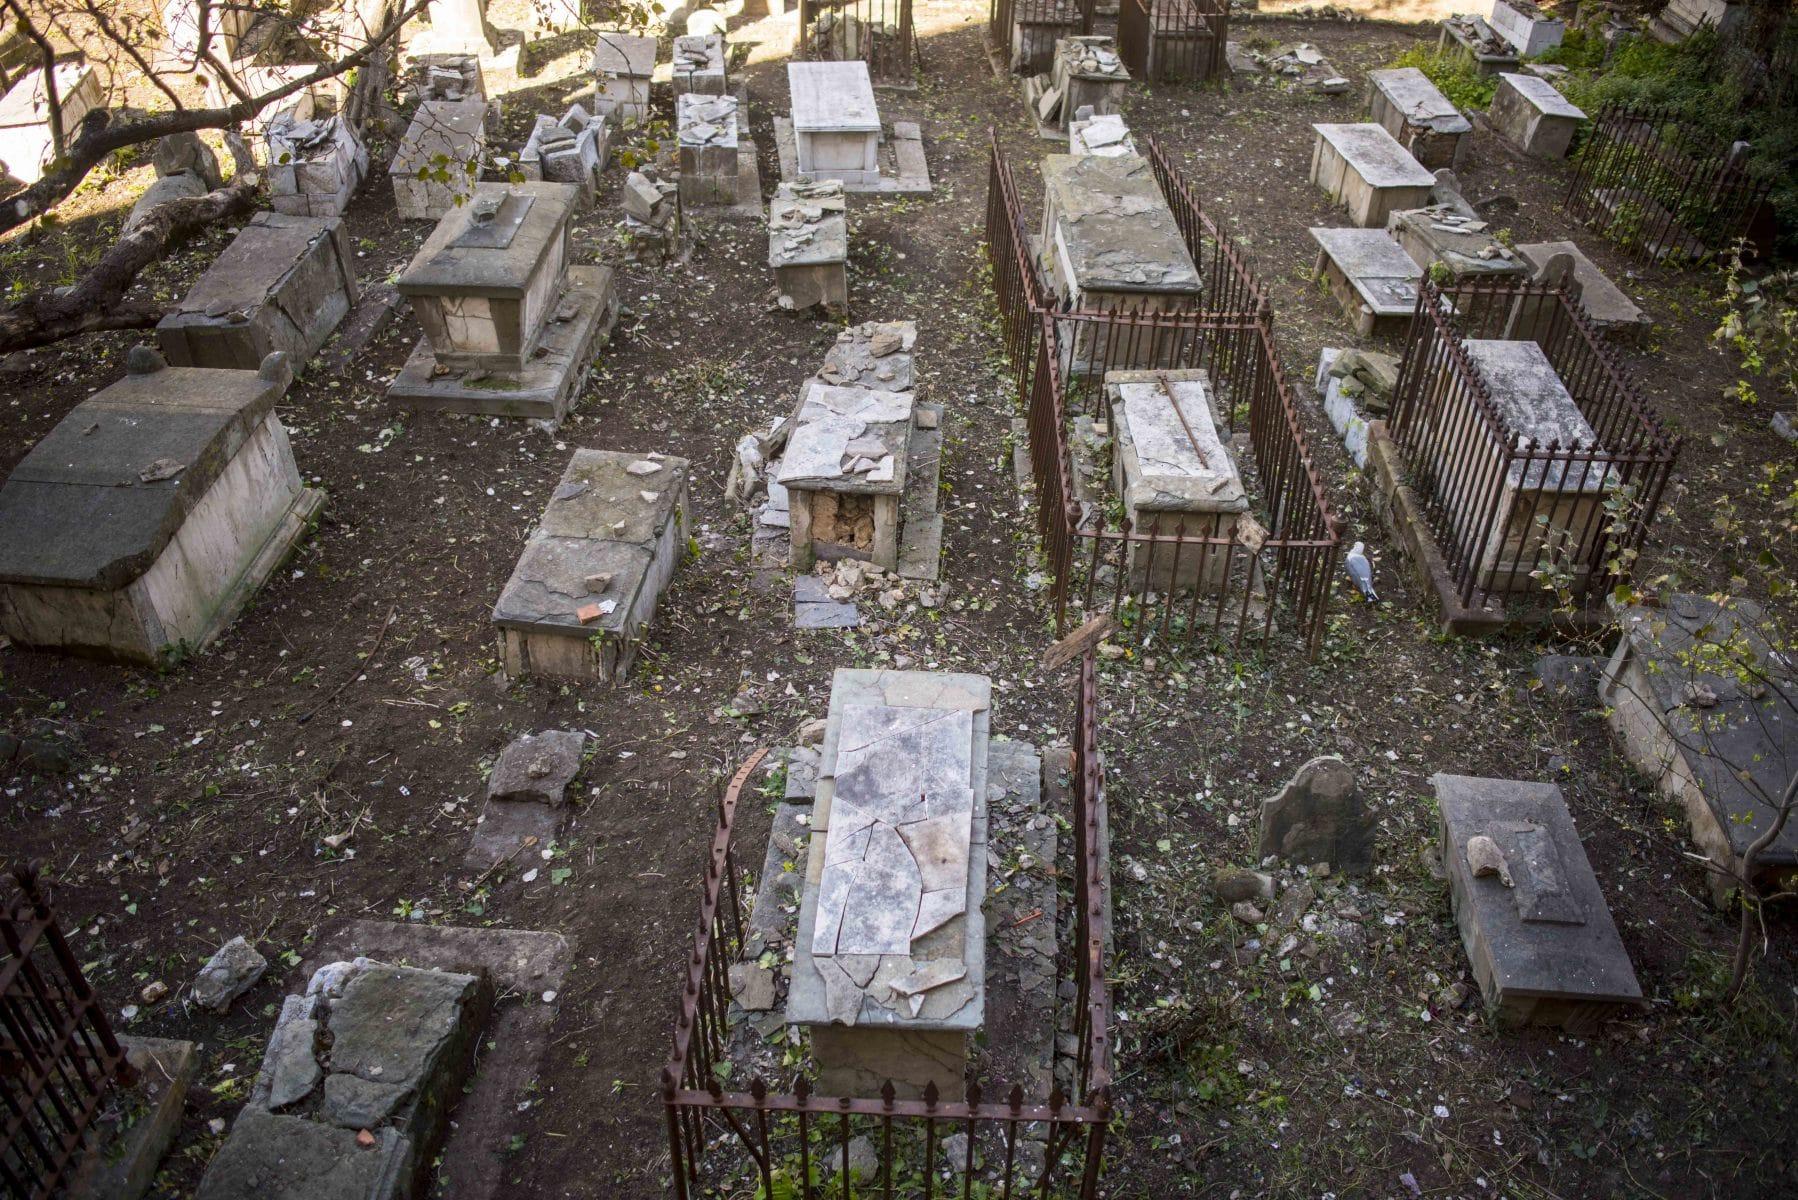 restauracin-cementerio-witham-24_25384706431_o